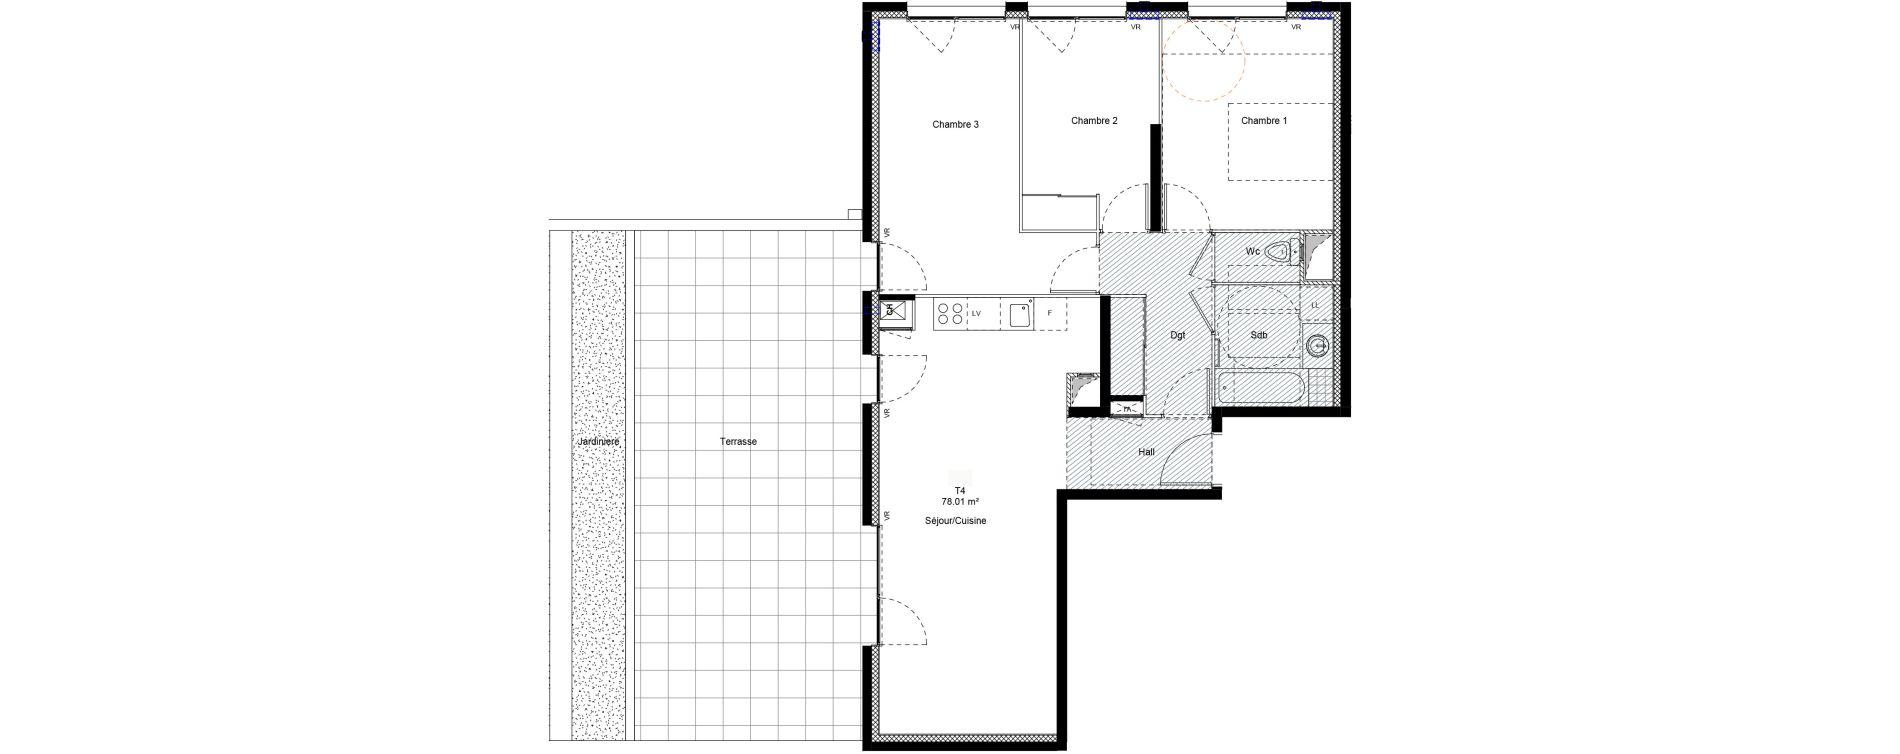 Appartement T4 de 78,01 m2 à Chambéry Centre